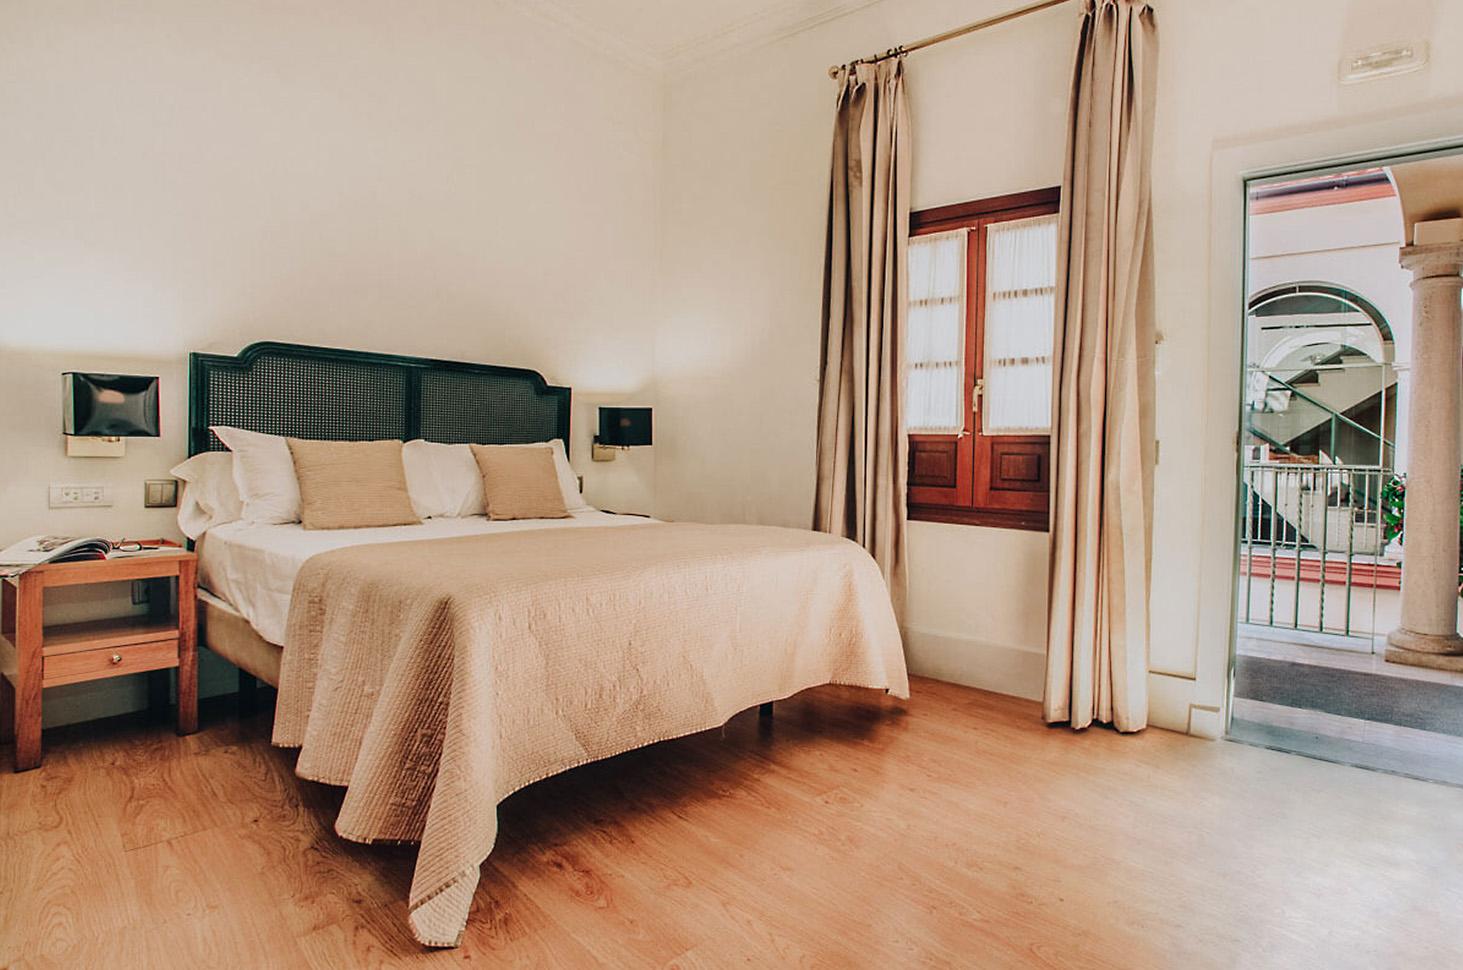 ventanas-hotel-casa-romana-3